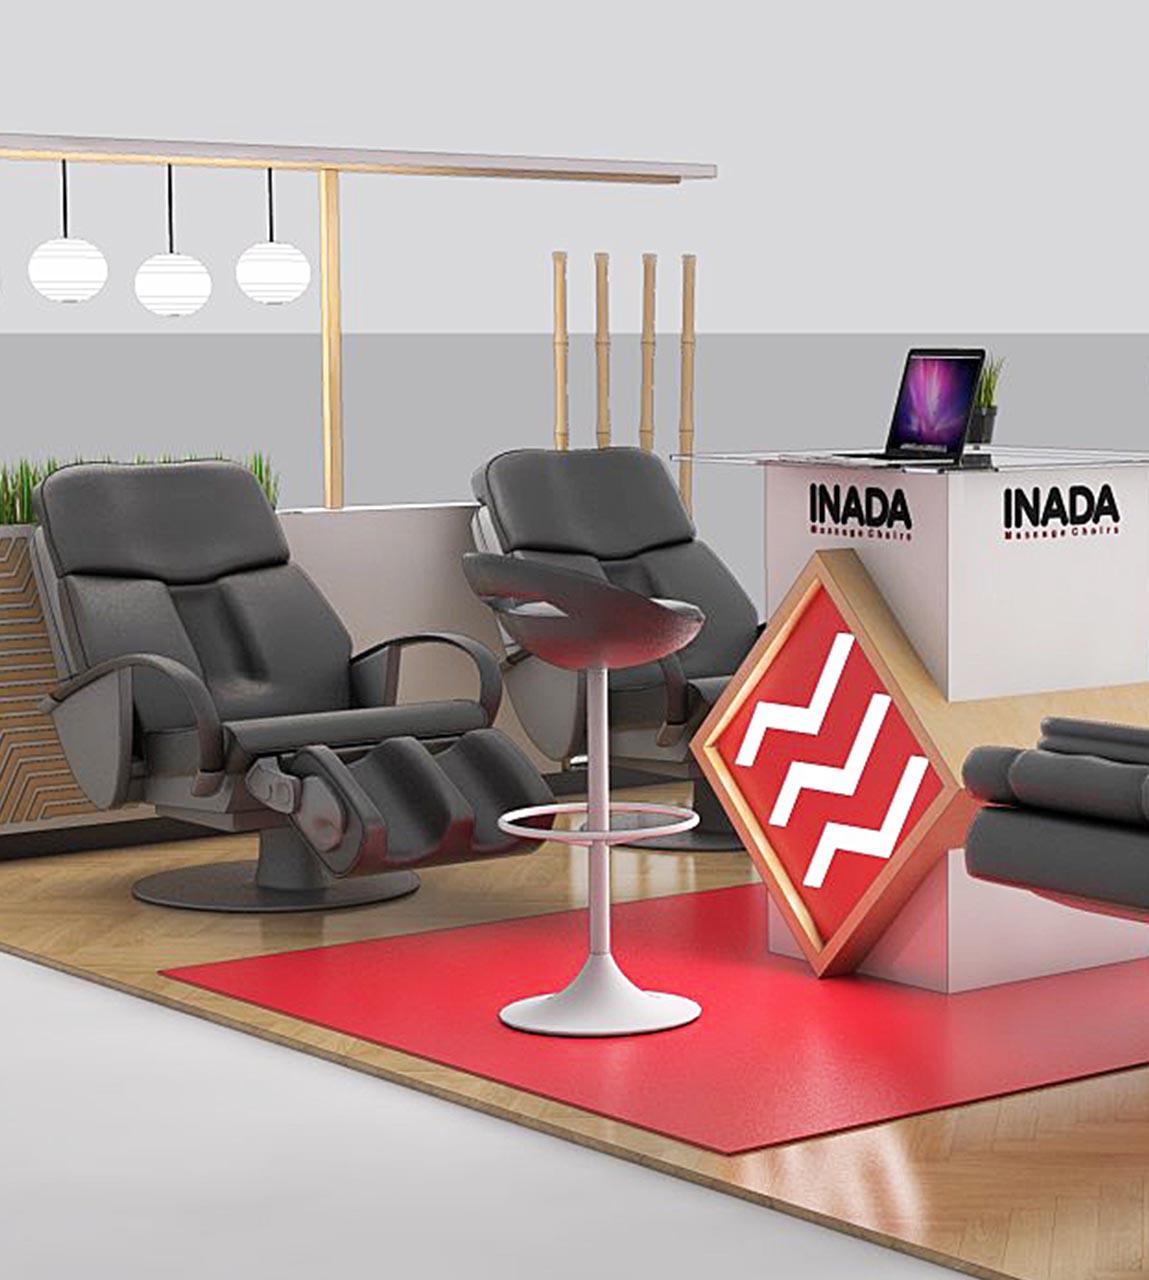 Inada Showroom